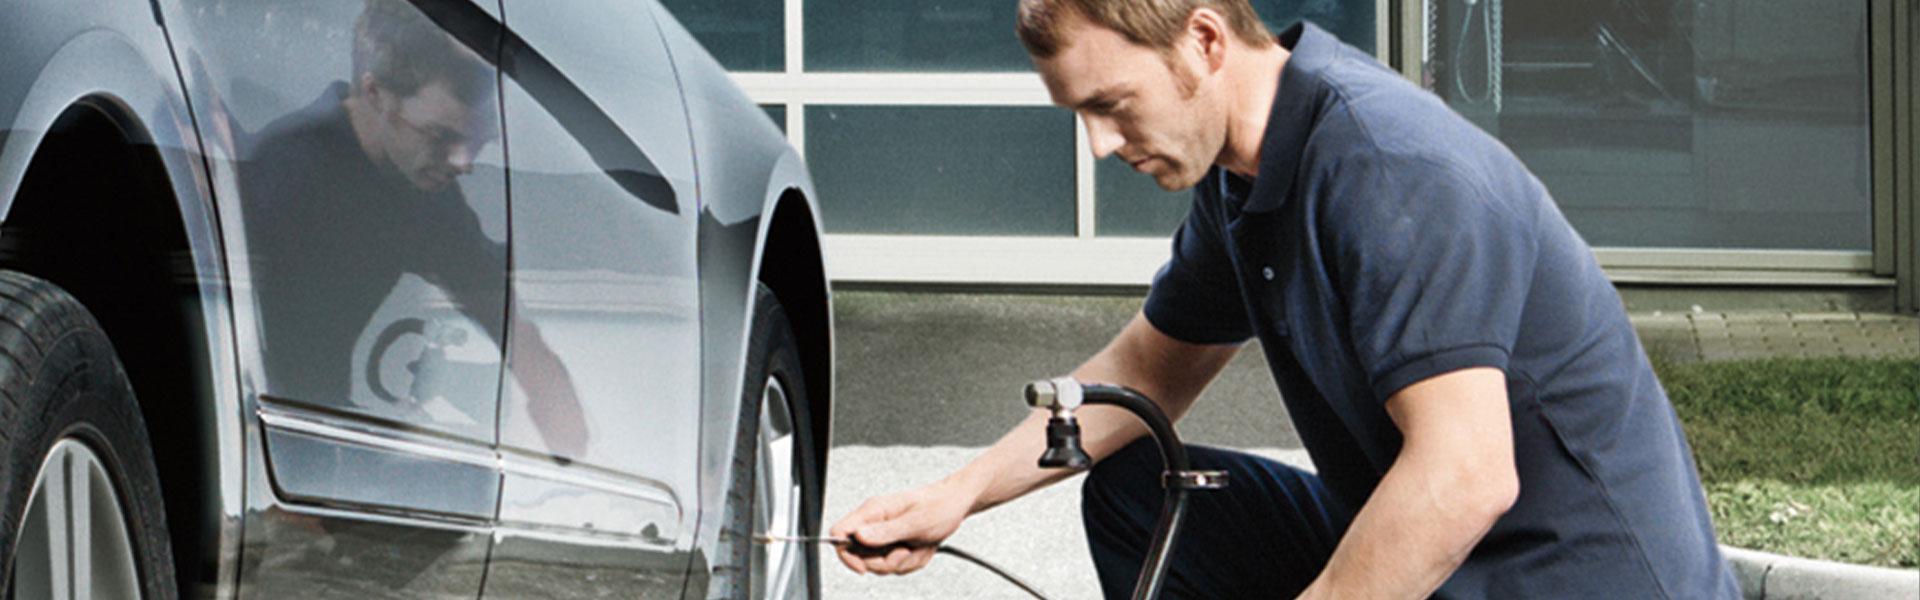 Mercedes-Benz-Mercedes-Brinkmann-Reifenservice-Reifeneinlagerung-Reifenschutz-Reifendruck-